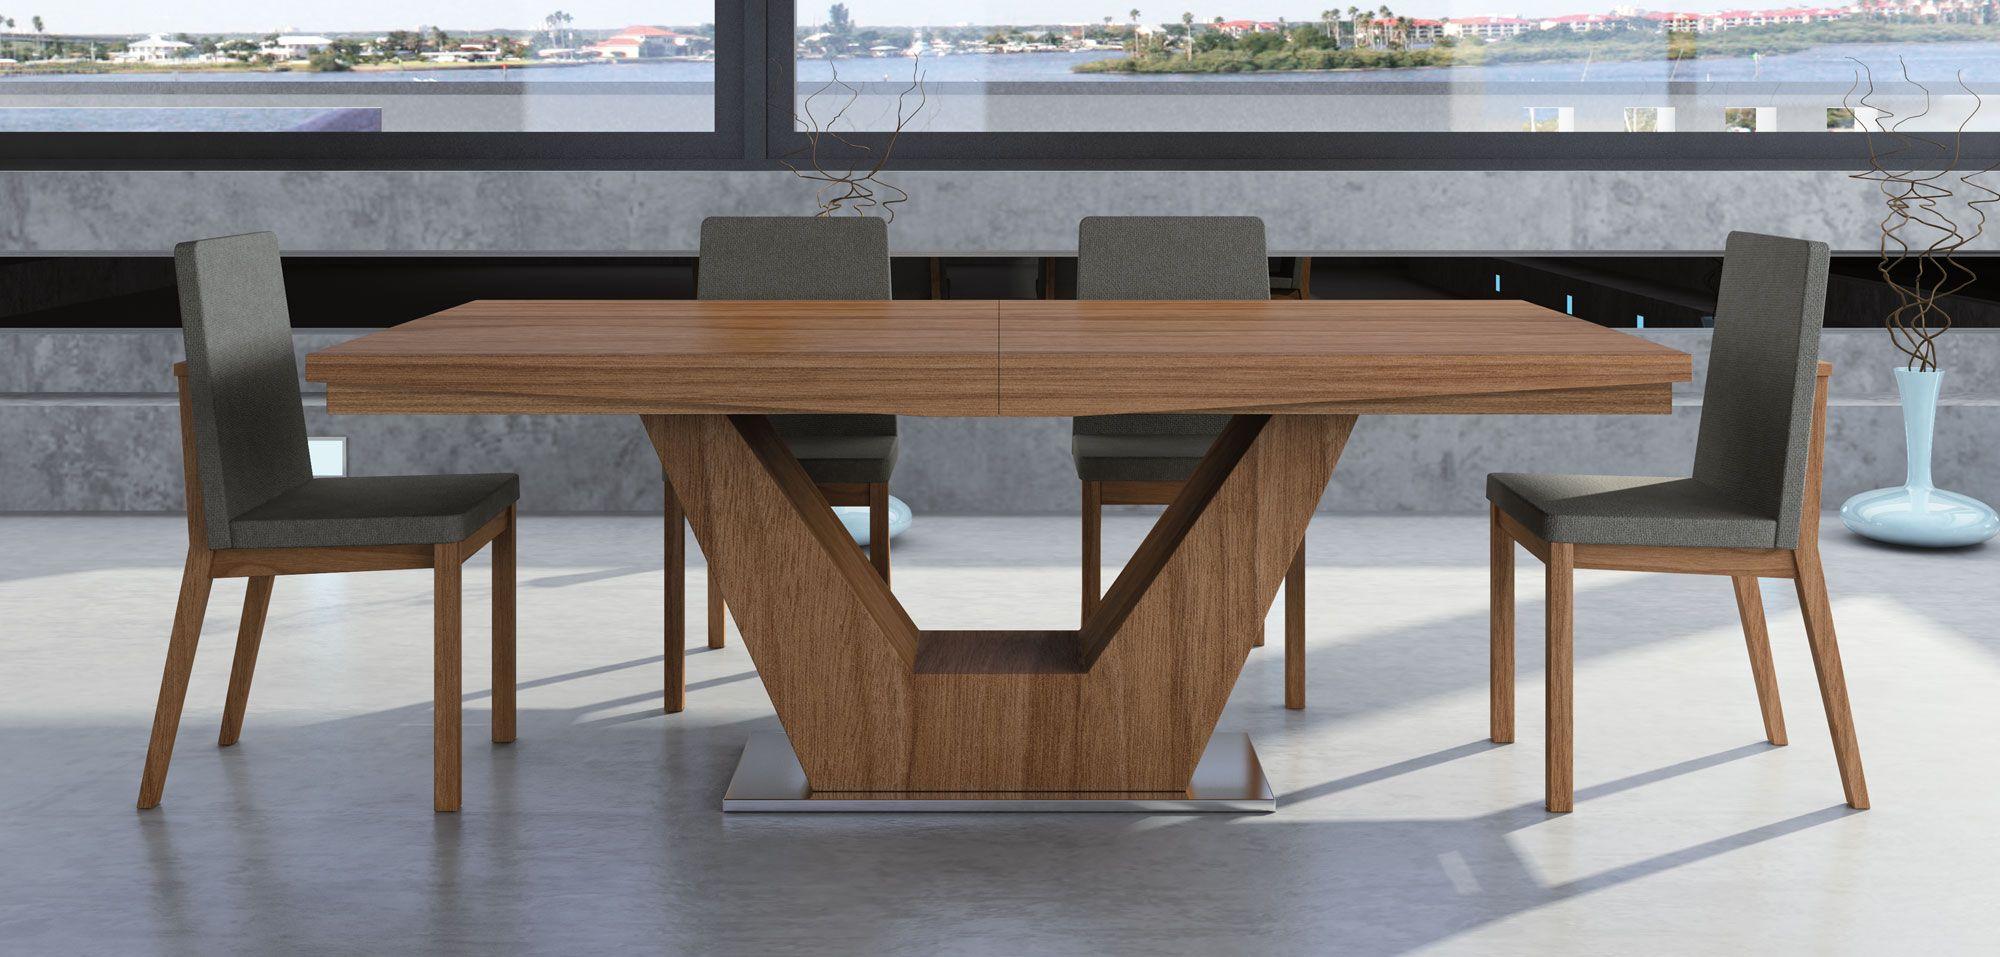 Mesa De Comedor Extensible Moderna Verona En Cosas De Arquitectoscosas De Arquitectos Mesas De Comedor Extensibles Mesas De Comedor Mesas De Comedor Modernas